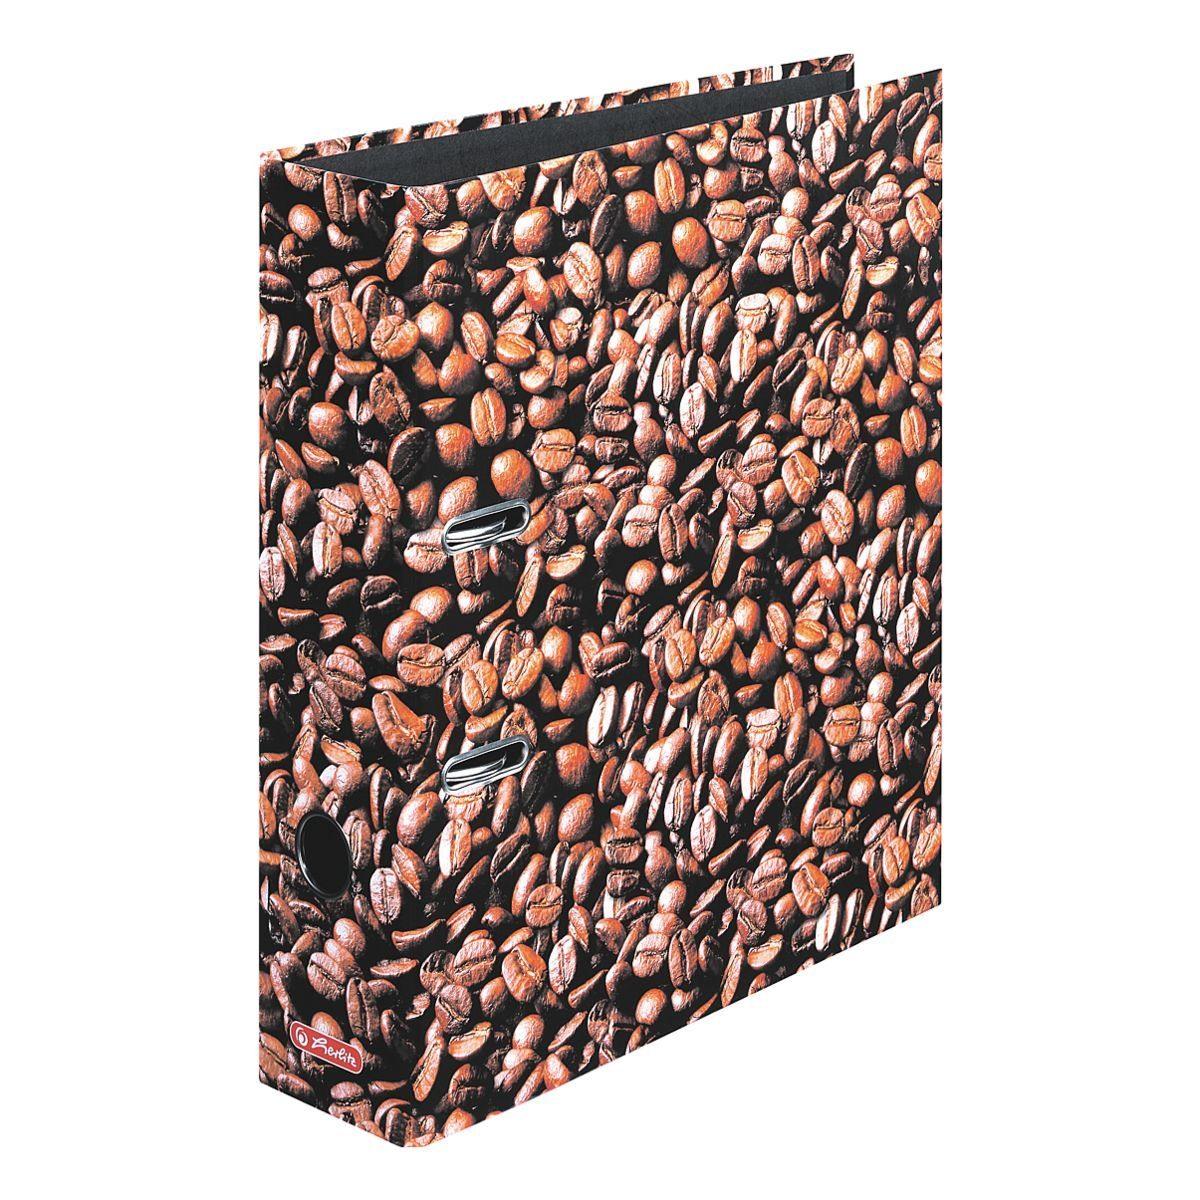 Herlitz Motivordner »Kaffee«